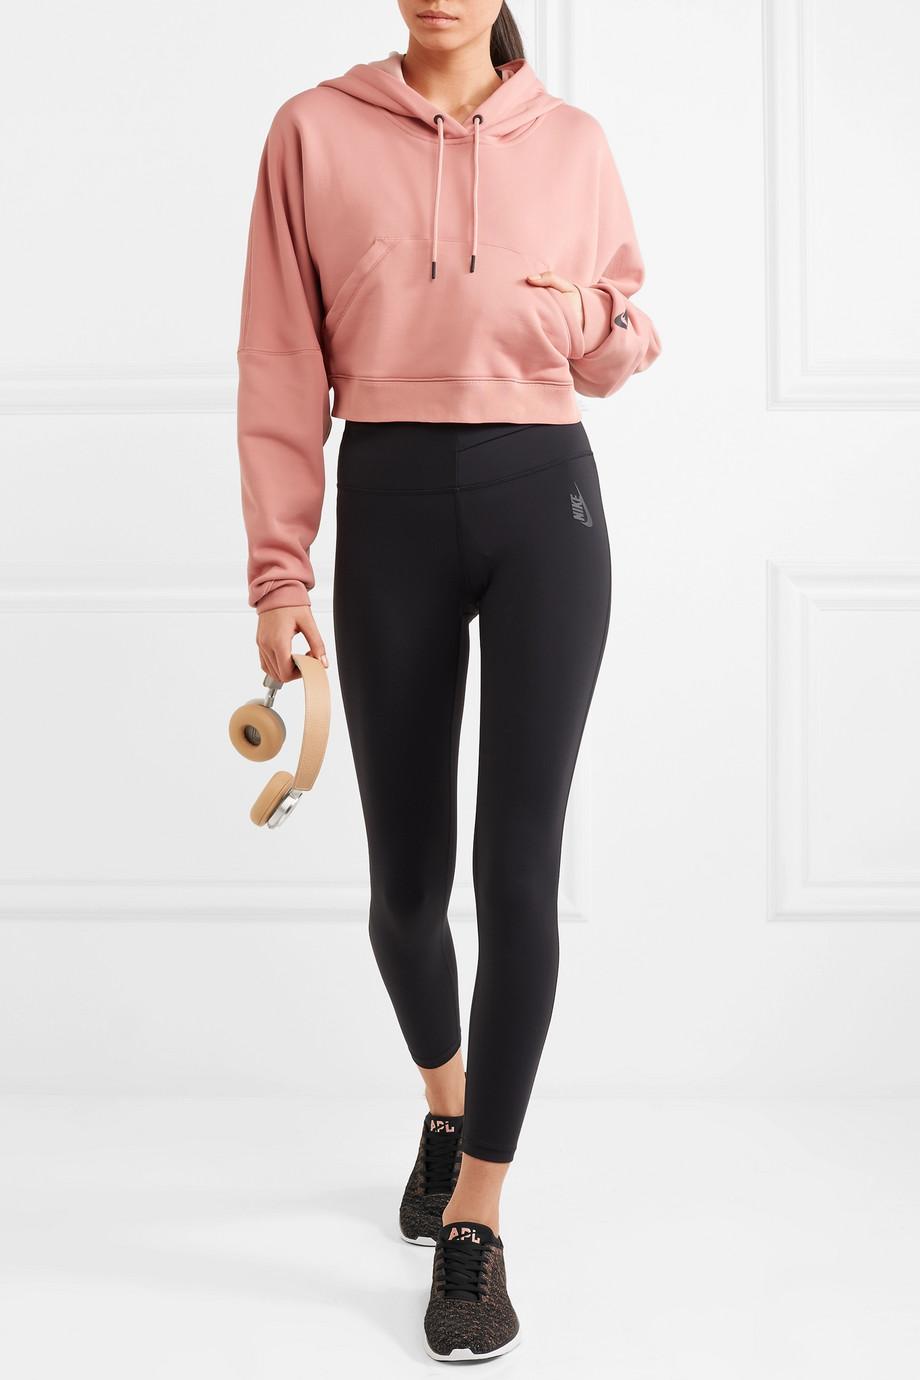 بالصور ملابس رياضية للبنات اديداس , اجمل الملابس الرياضية العملية 13397 5